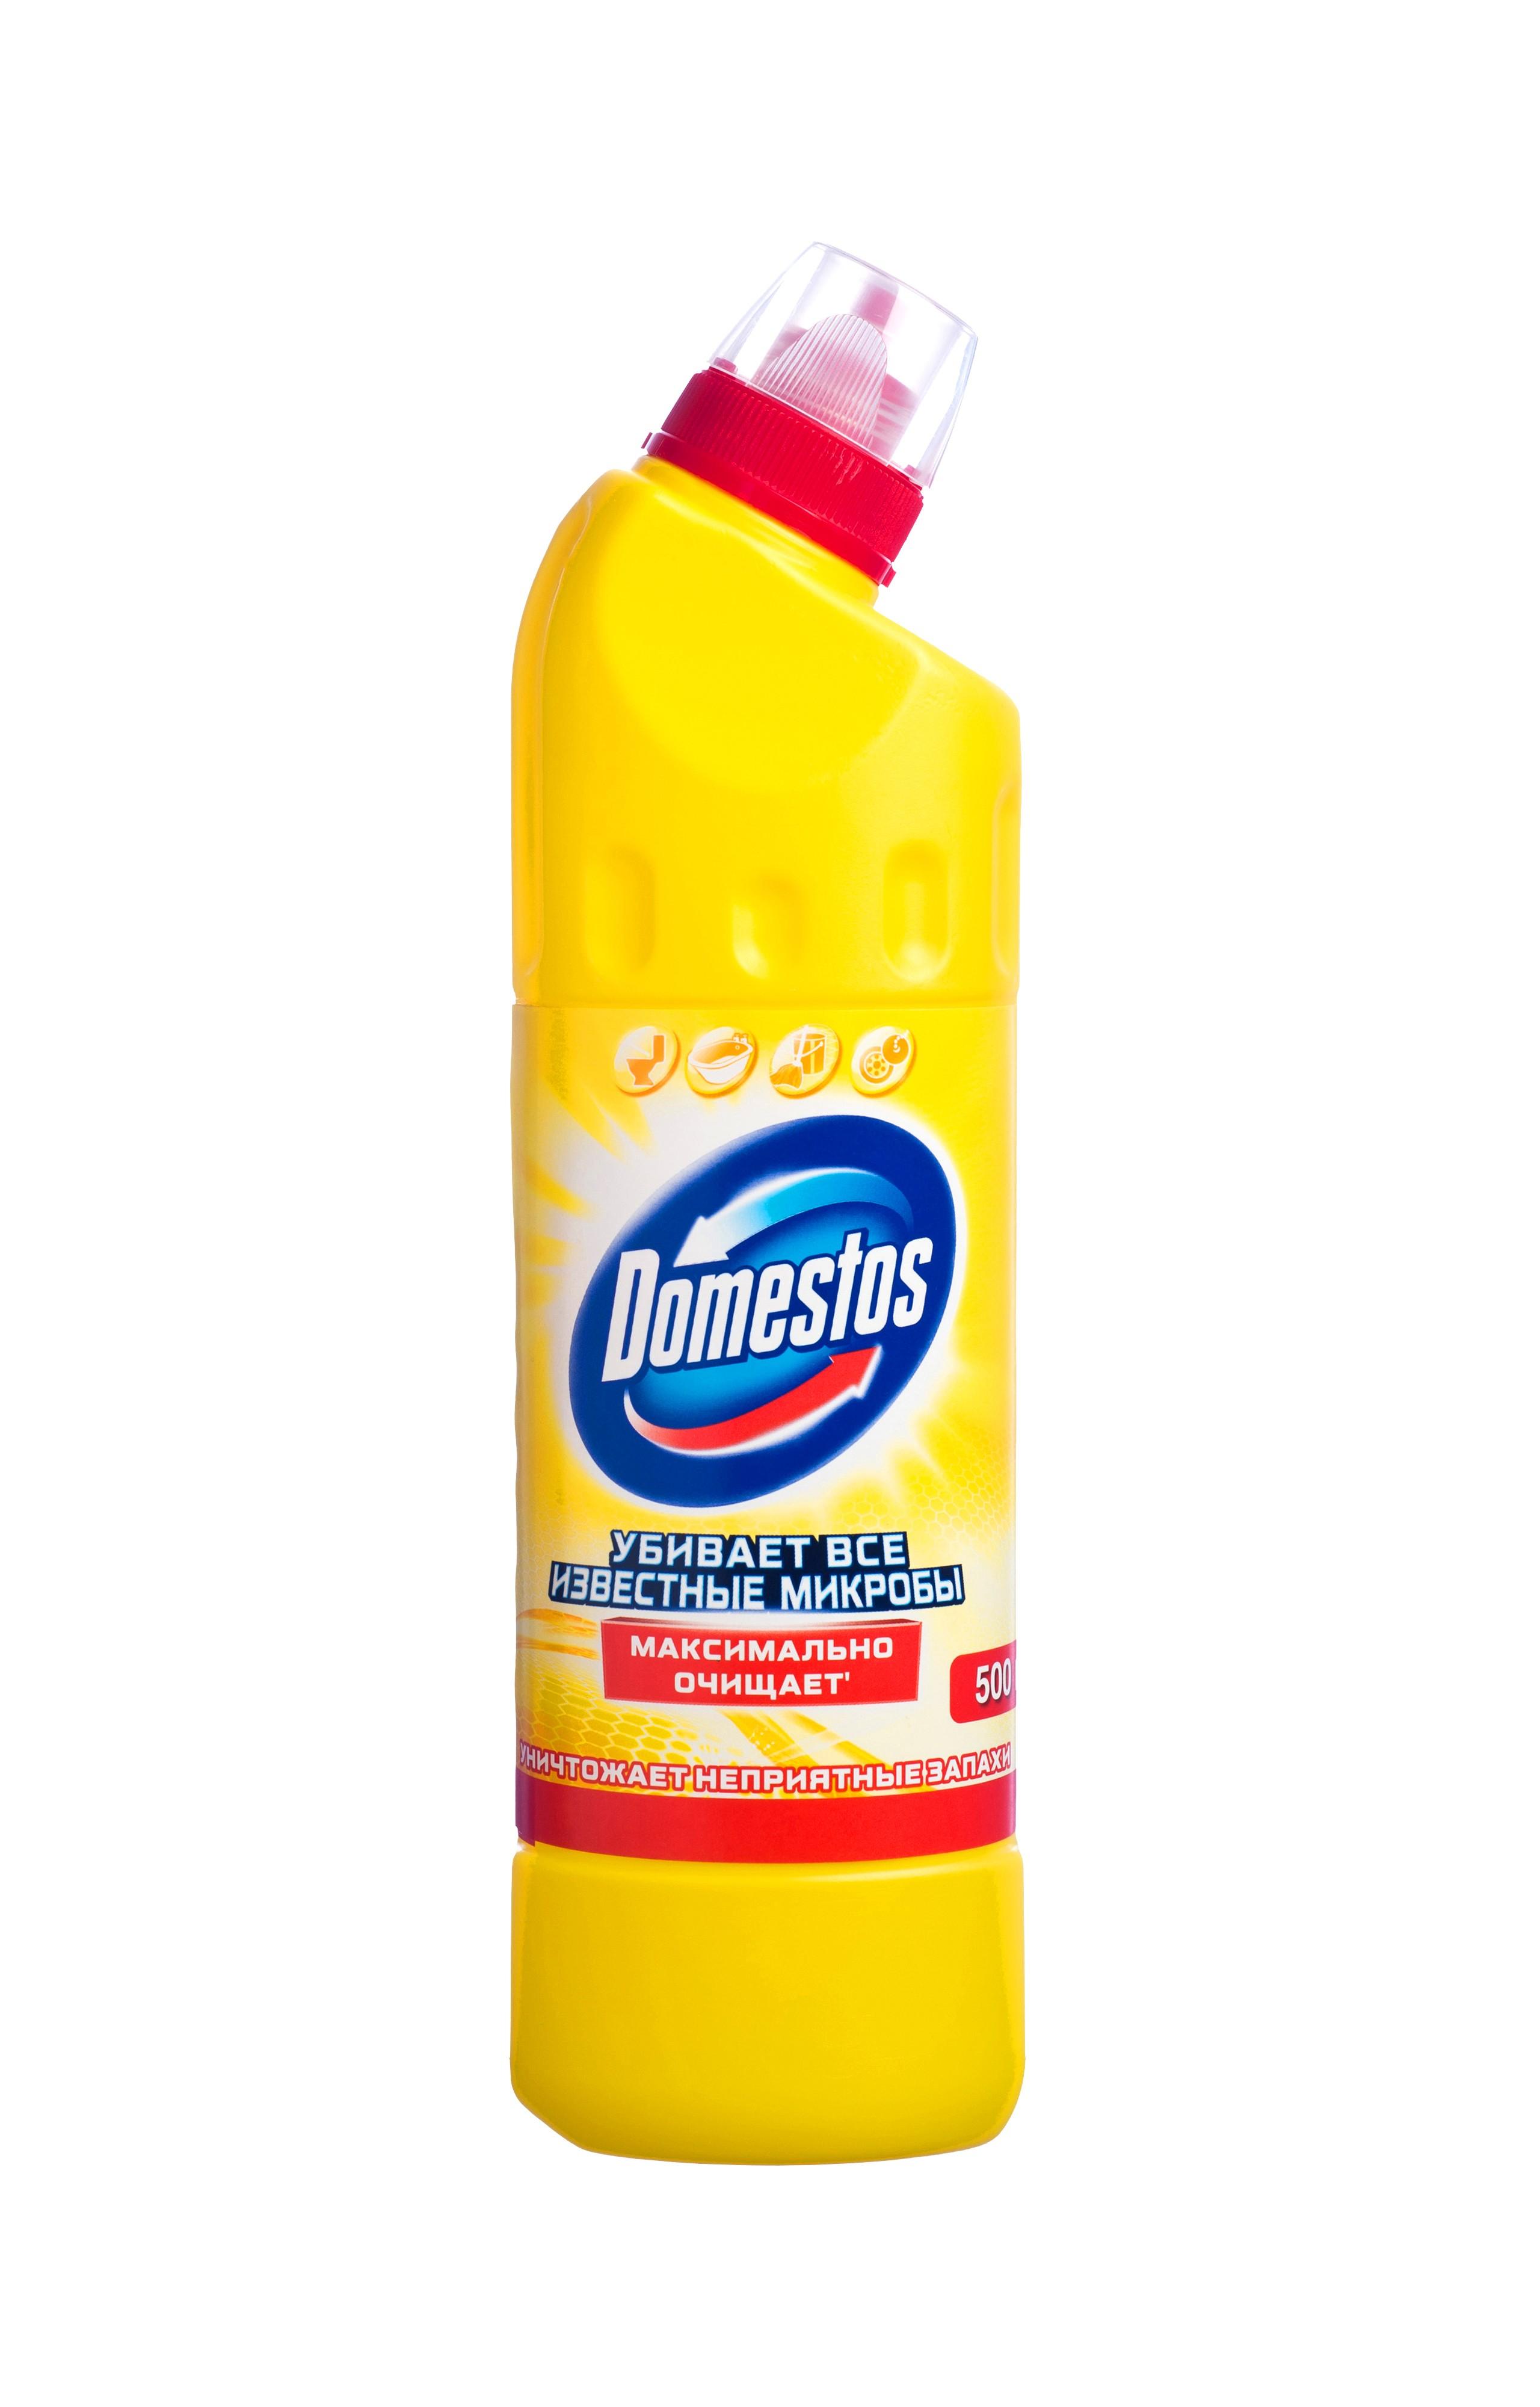 Domestos Чистящее и дезинфицирующее средство Двойная сила, универсальное, лимонная свежесть, 500 мл391602Универсальное чистящее средство Domestos Двойная сила. Лимонная свежесть подходит для уборки раковин и ванн, кафеля, пола, унитаза, сливов и водостоков на кухне и в ванной. Чистит до блеска, дезинфицирует и отбеливает. Domestos не только очищает поверхности, но и помогает бороться со всеми известными микробами - в том числе, вызывающими опасные заболевания, обеспечивая свежий аромат. Густой, многофункциональный, экономичный и невероятно эффективный. Среди средств для туалетов Domestos - бесспорный лидер, благодаря густой формуле и удобной форме бутылки.Нельзя забывать, что гигиена важна не только в туалете, но и в ванной. Влага и тепло - идеальные условия для размножения бактерий, грибка, плесени. Регулярное использование небольшого количества Domestos на мокрой тряпке или губке в ванной убирает мыльной осадок, темные пятна, дезинфицирует поверхности. Domestos безопасен. При надлежащем использовании Domestos абсолютно безвреден как для людей, так и для окружающей среды: содержащееся в нем активное дезинфицирующее вещество сразу после применения распадается на безопасные компоненты. Состав: менее 5%: гипохлорит натрия, анионные ПАВ, неионогенные ПАВ, мыло, отдушка.Товар сертифицирован.